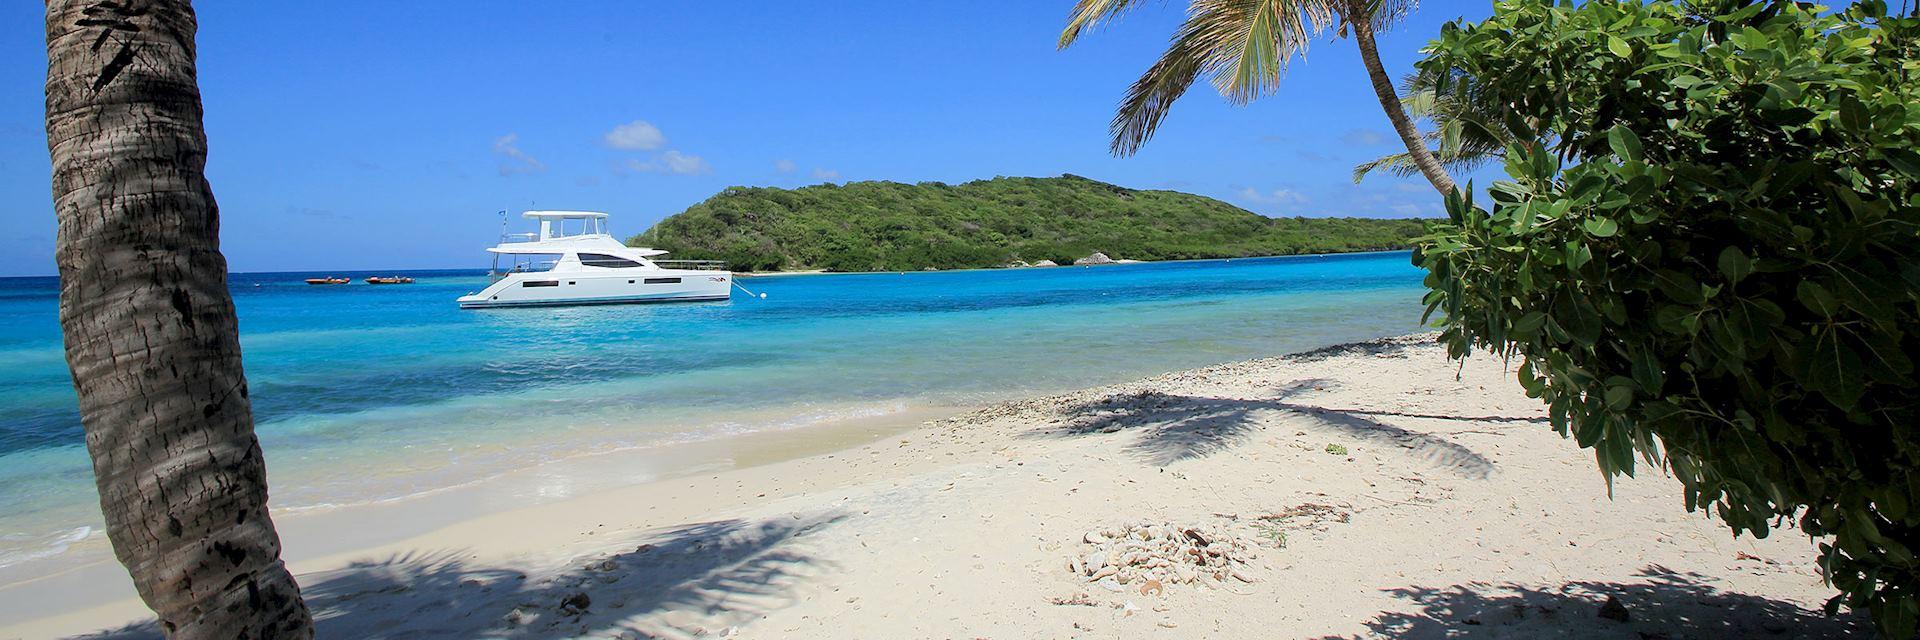 The Moorings 514 Power Catamaran, British Virgin Islands